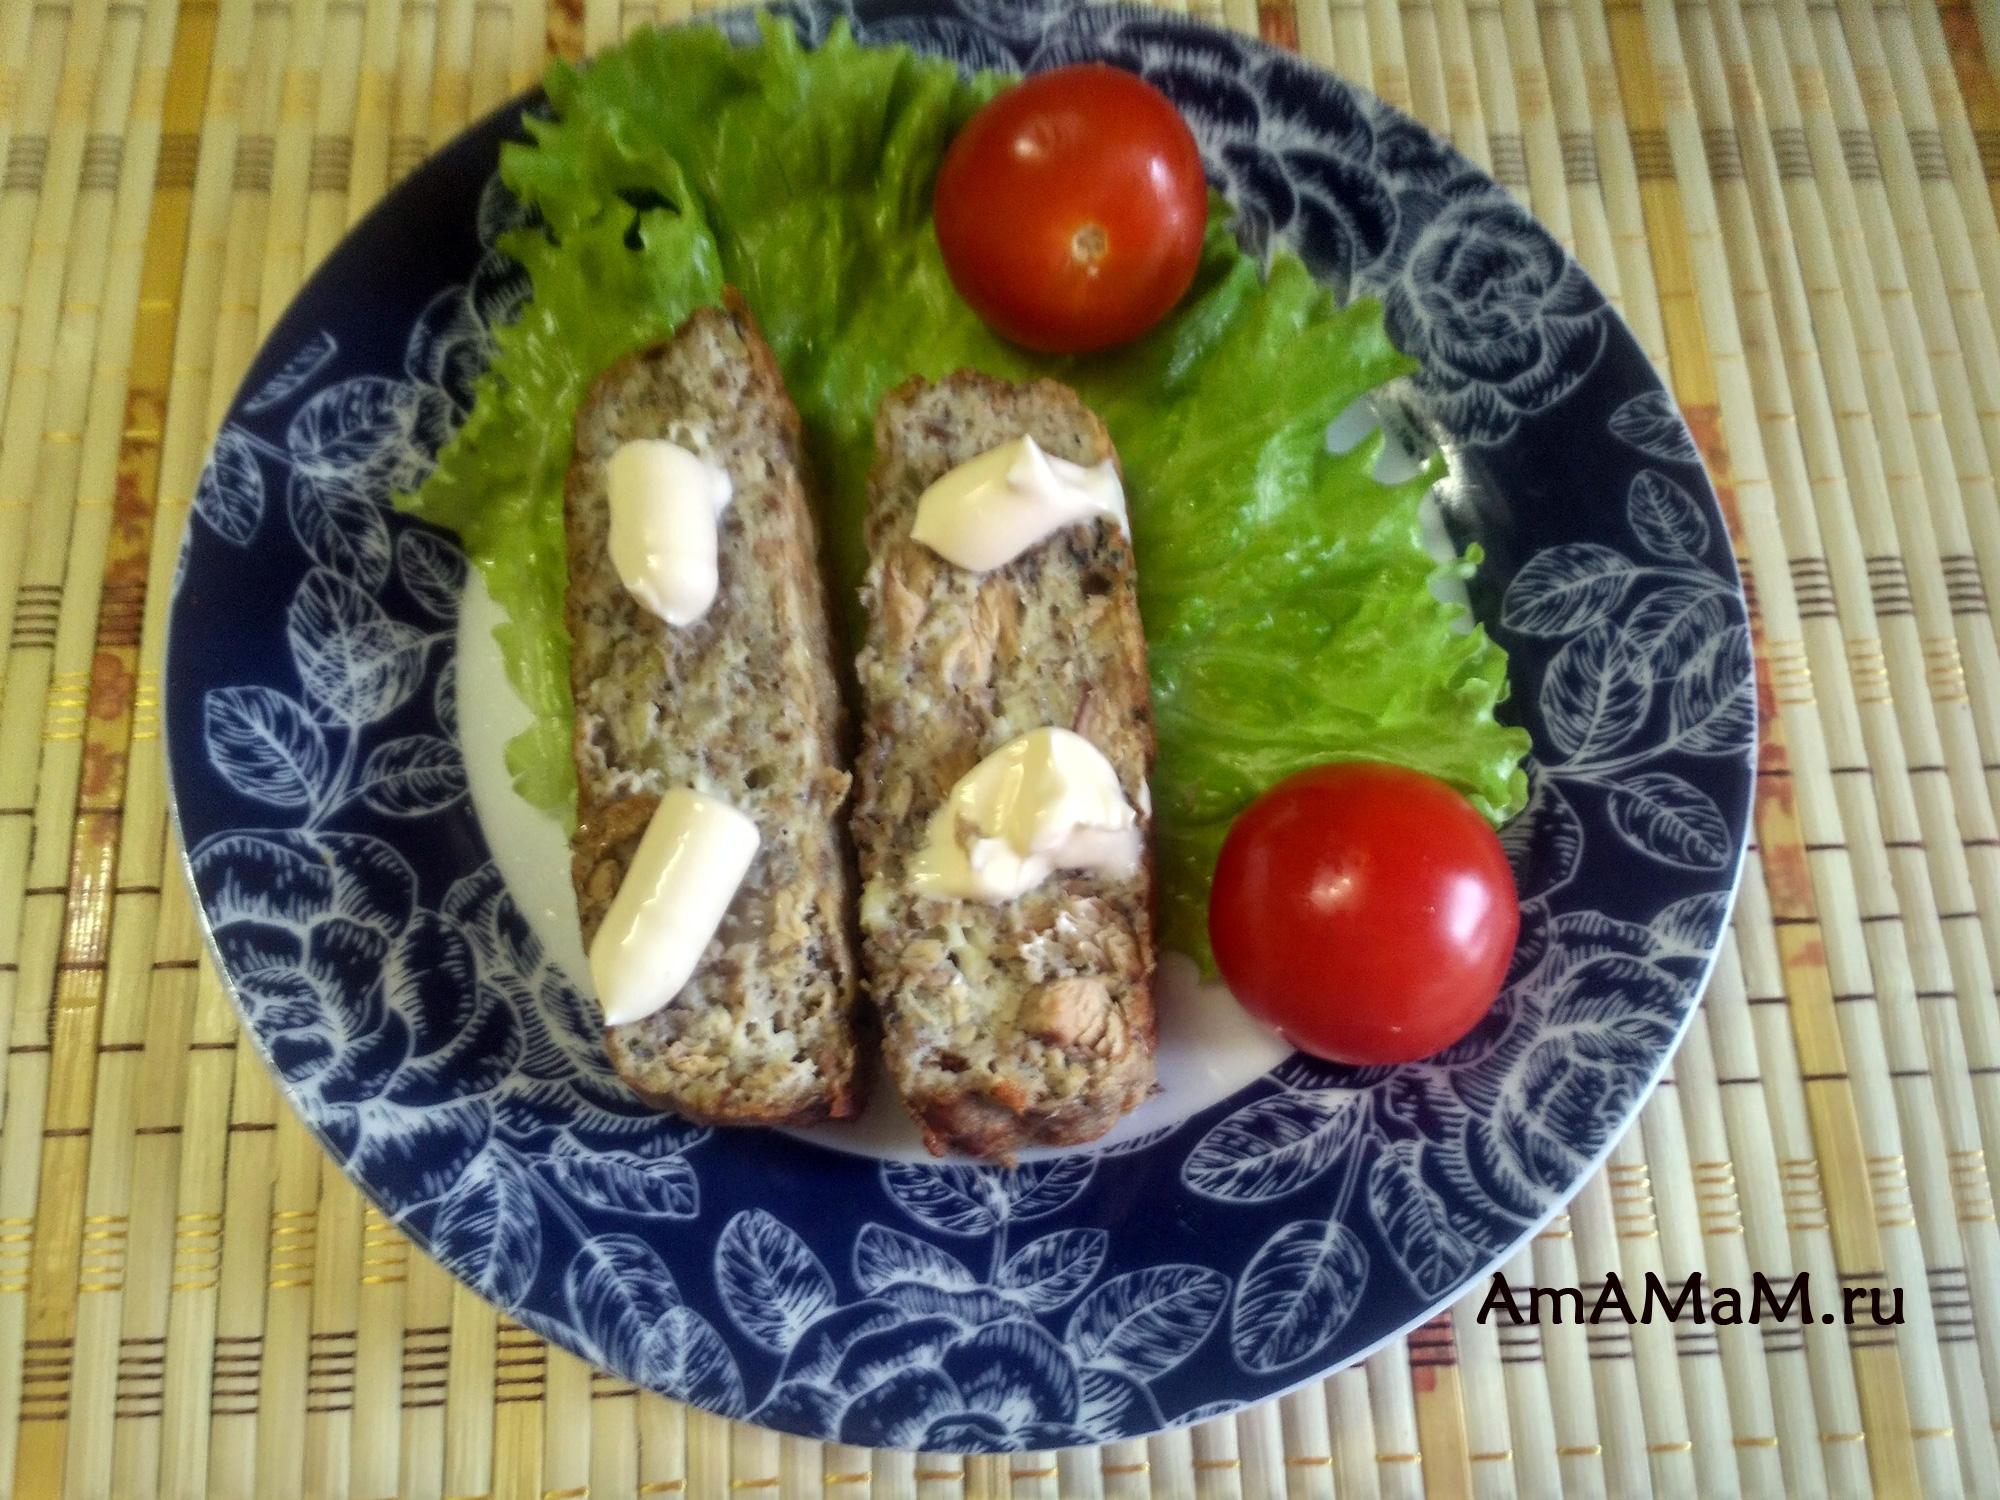 Рецепт рыбного суфле из сайры